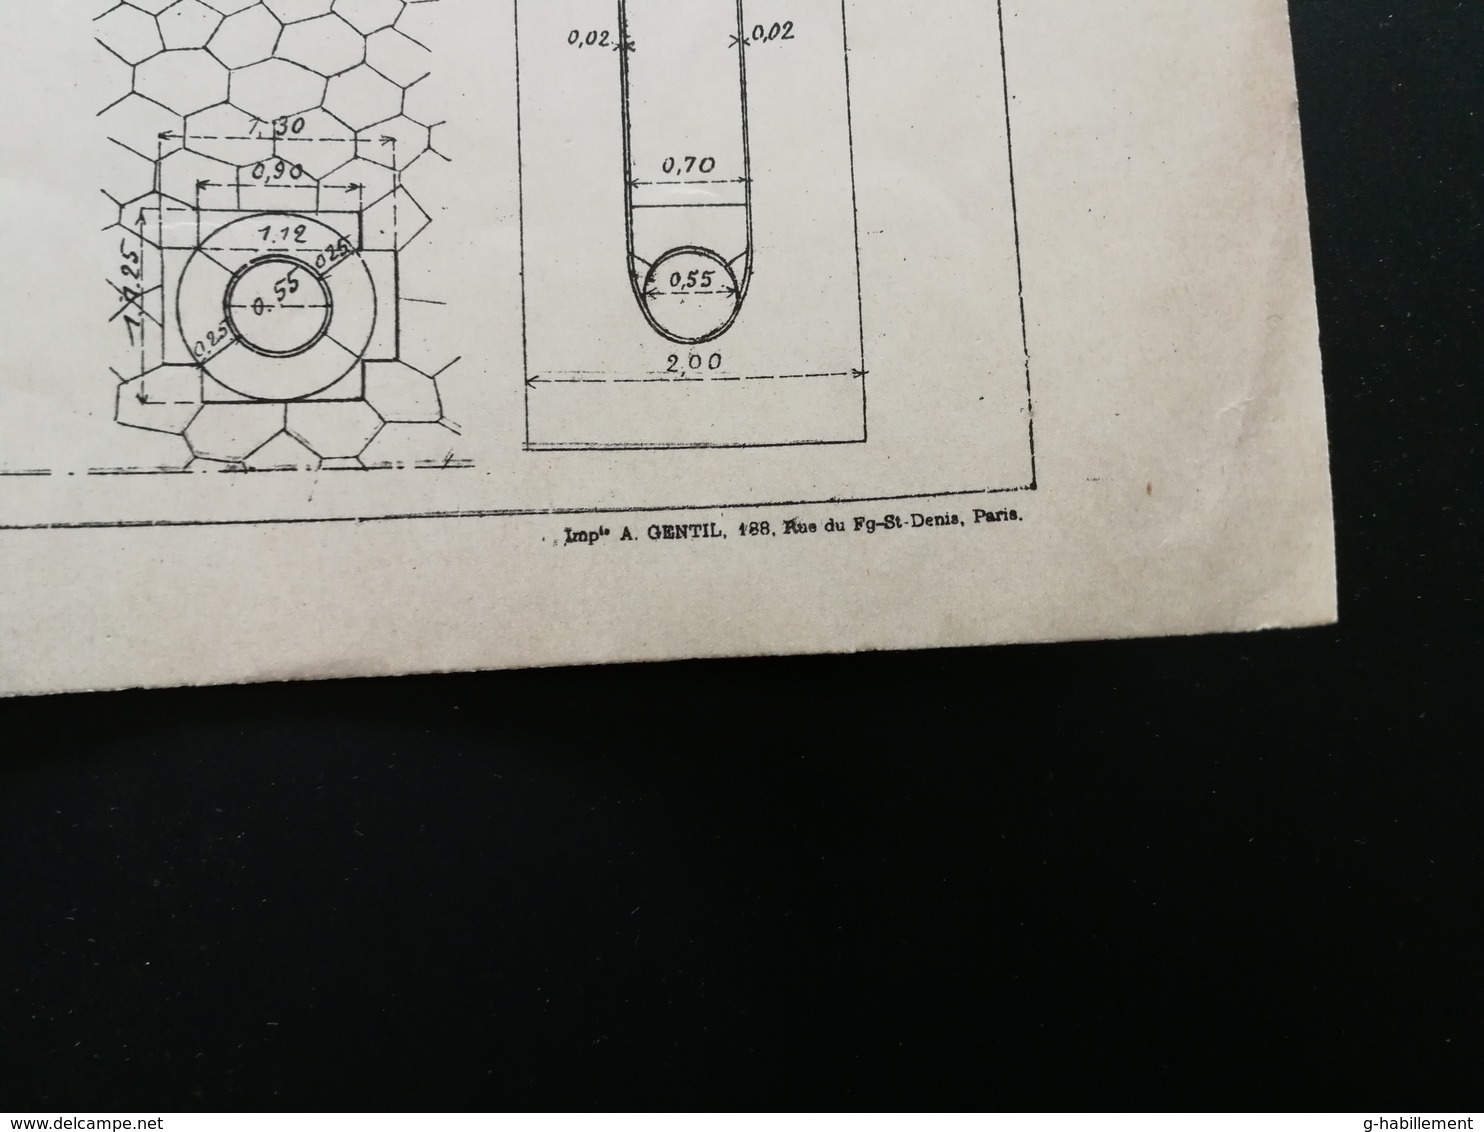 ANNALES DES PONTS Et CHAUSSEES (Dep 75) - Plan De Construction De Ports Droits à Paris- Imp A.Gentil 1912 (CLD55) - Cartes Marines